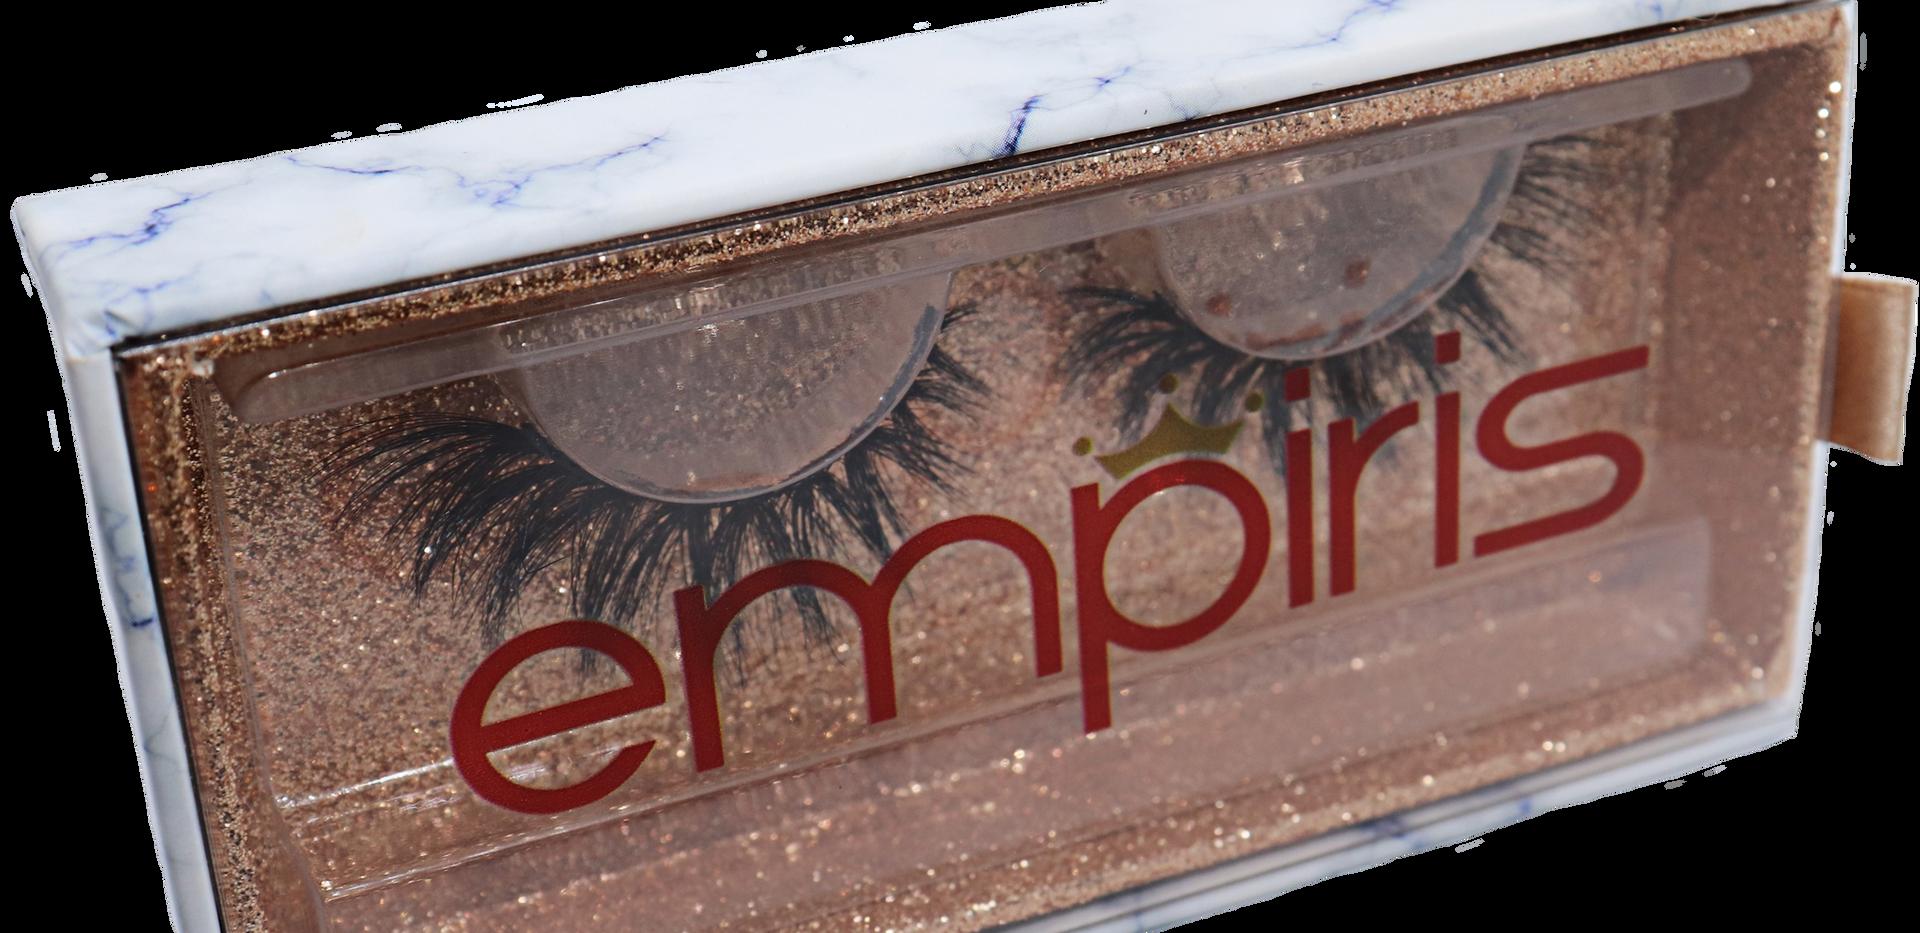 Empiris Box 2048 x 2048.png